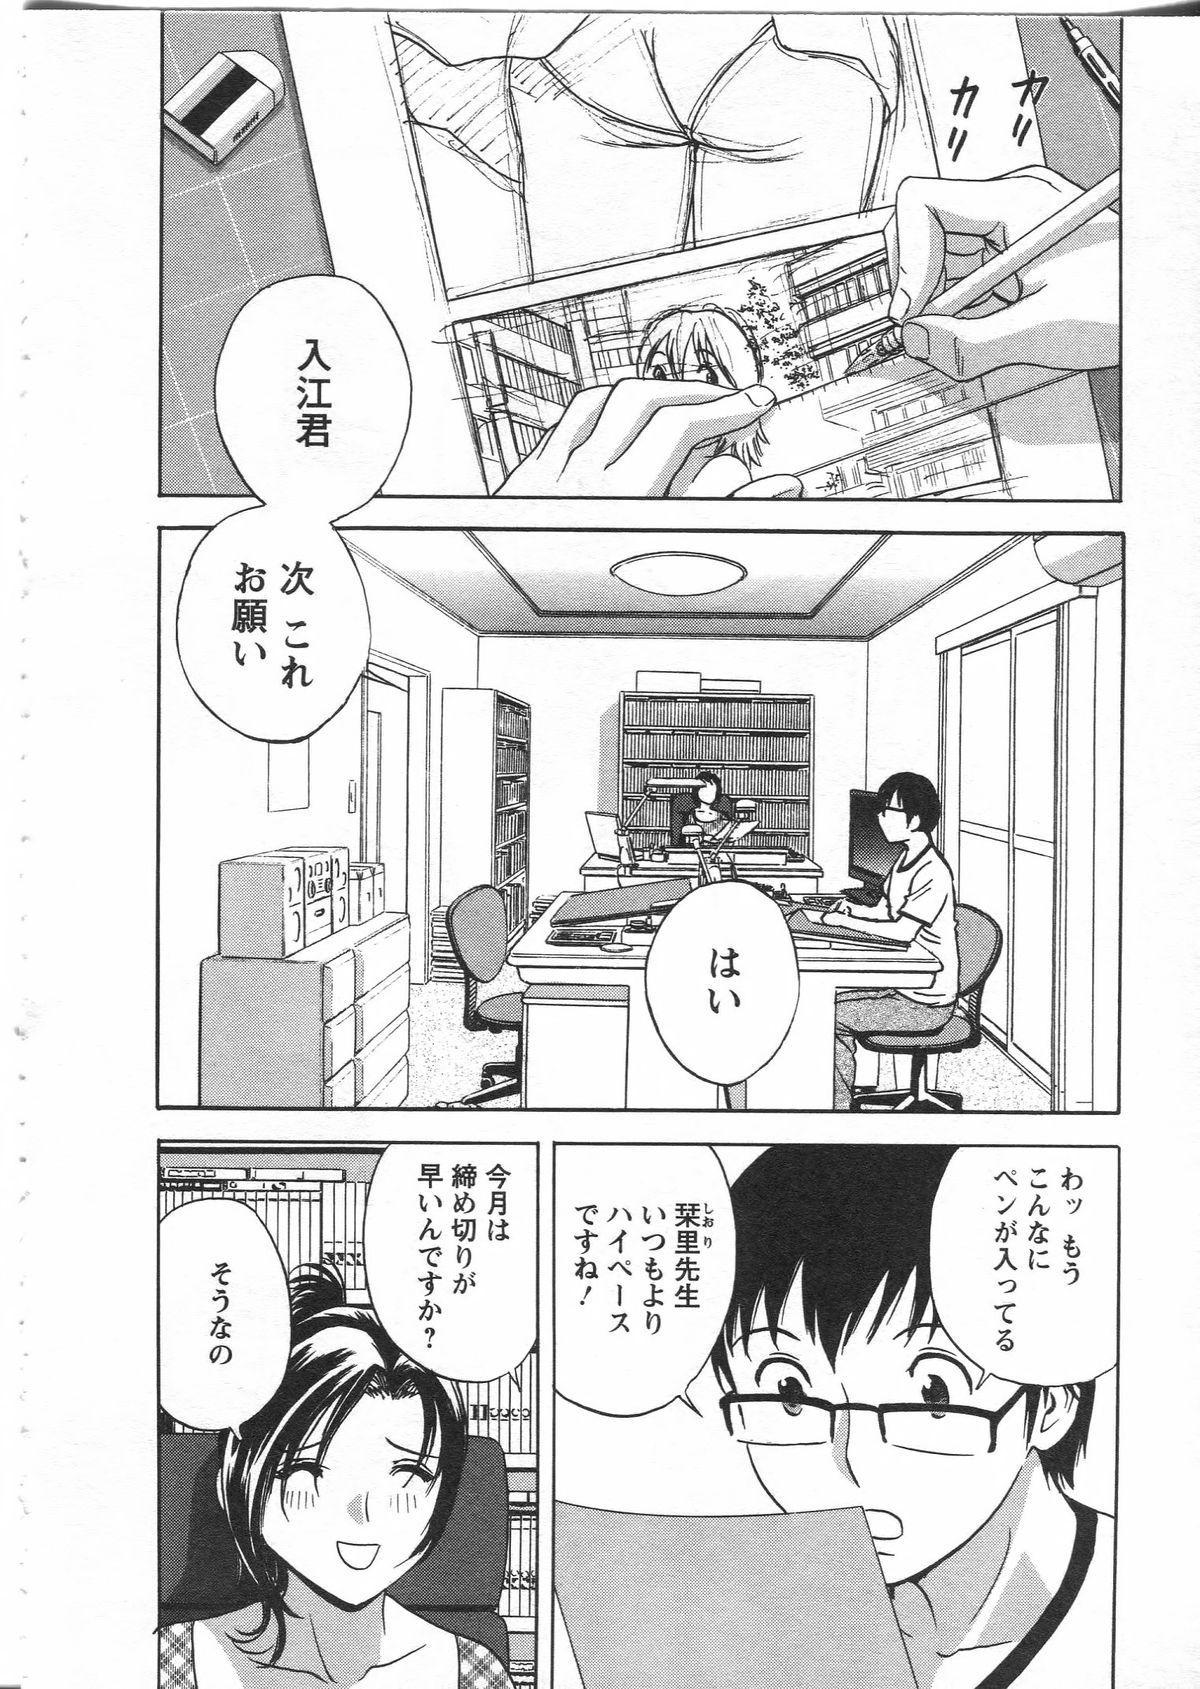 Manga no youna Hitozuma to no Hibi - Days with Married Women such as Comics. 81